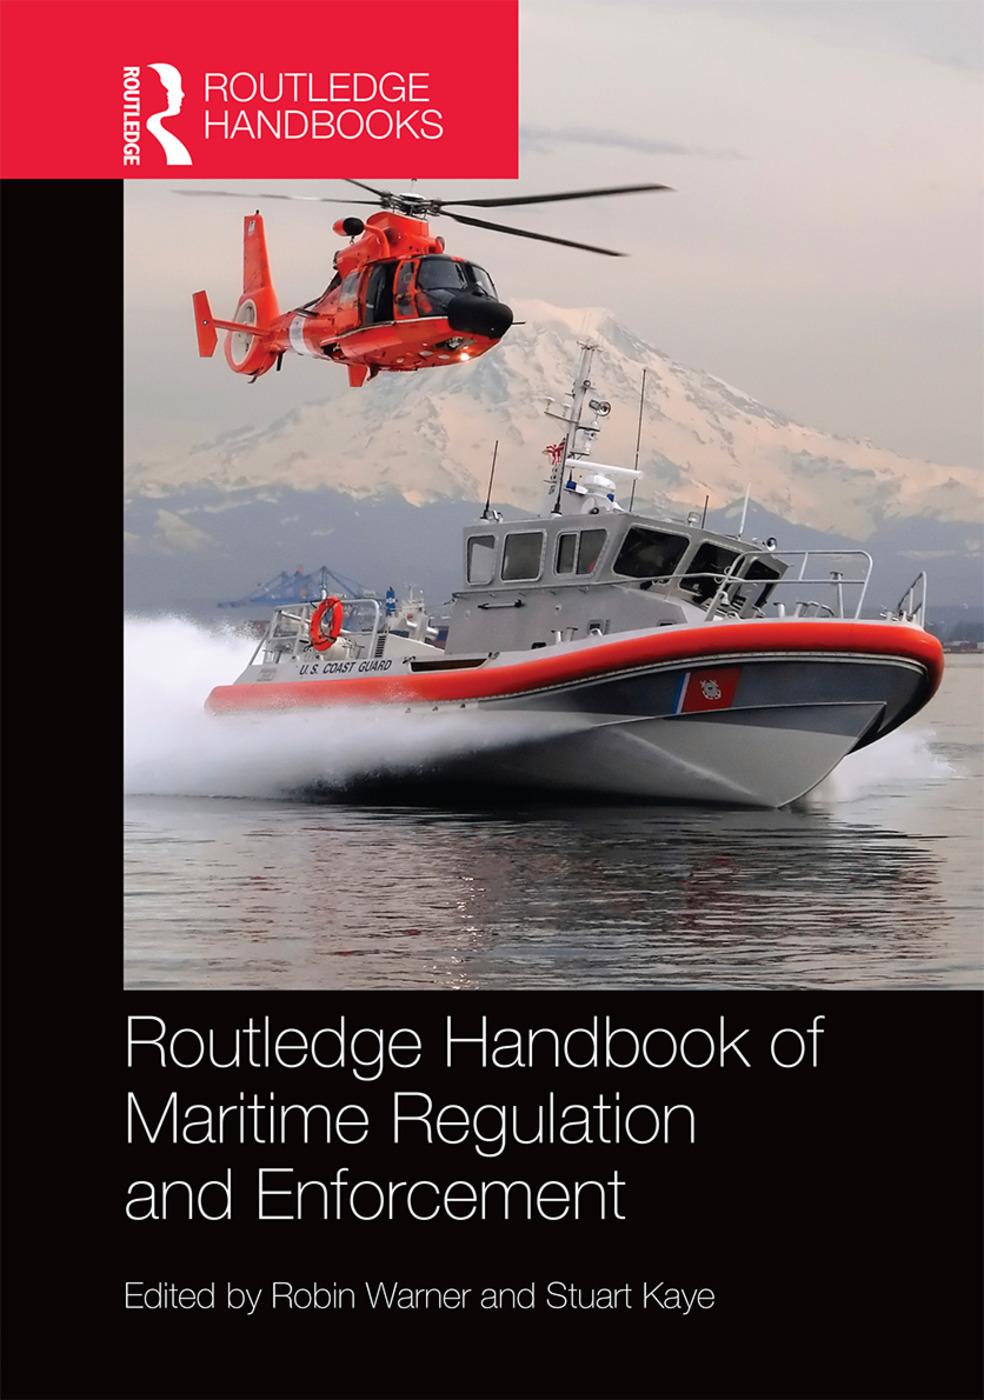 Handbook of Maritime Regulation and Enforcement